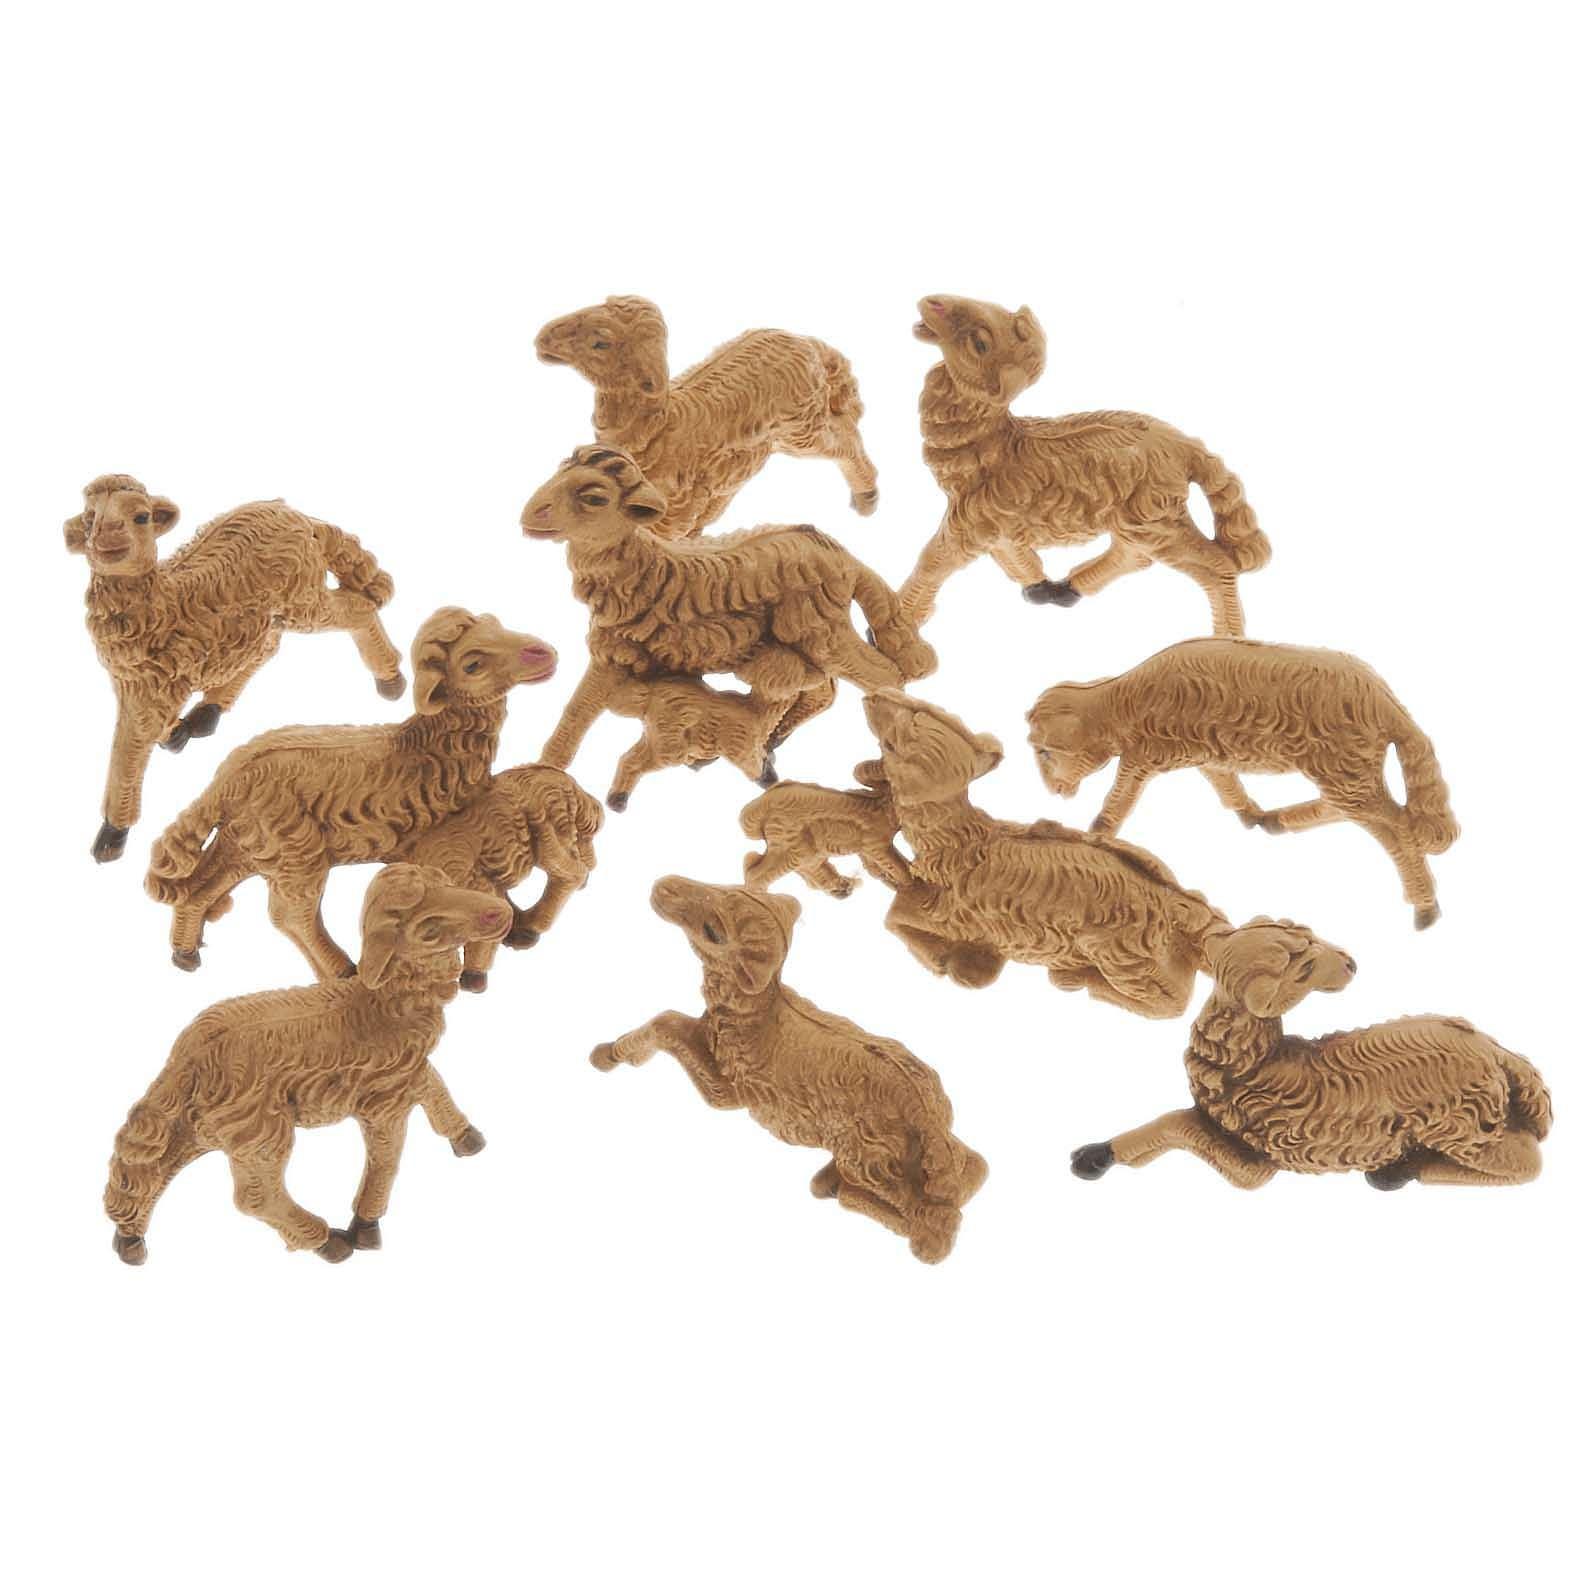 Owce szopka plastik brązowy 10 szt 8 cm 3